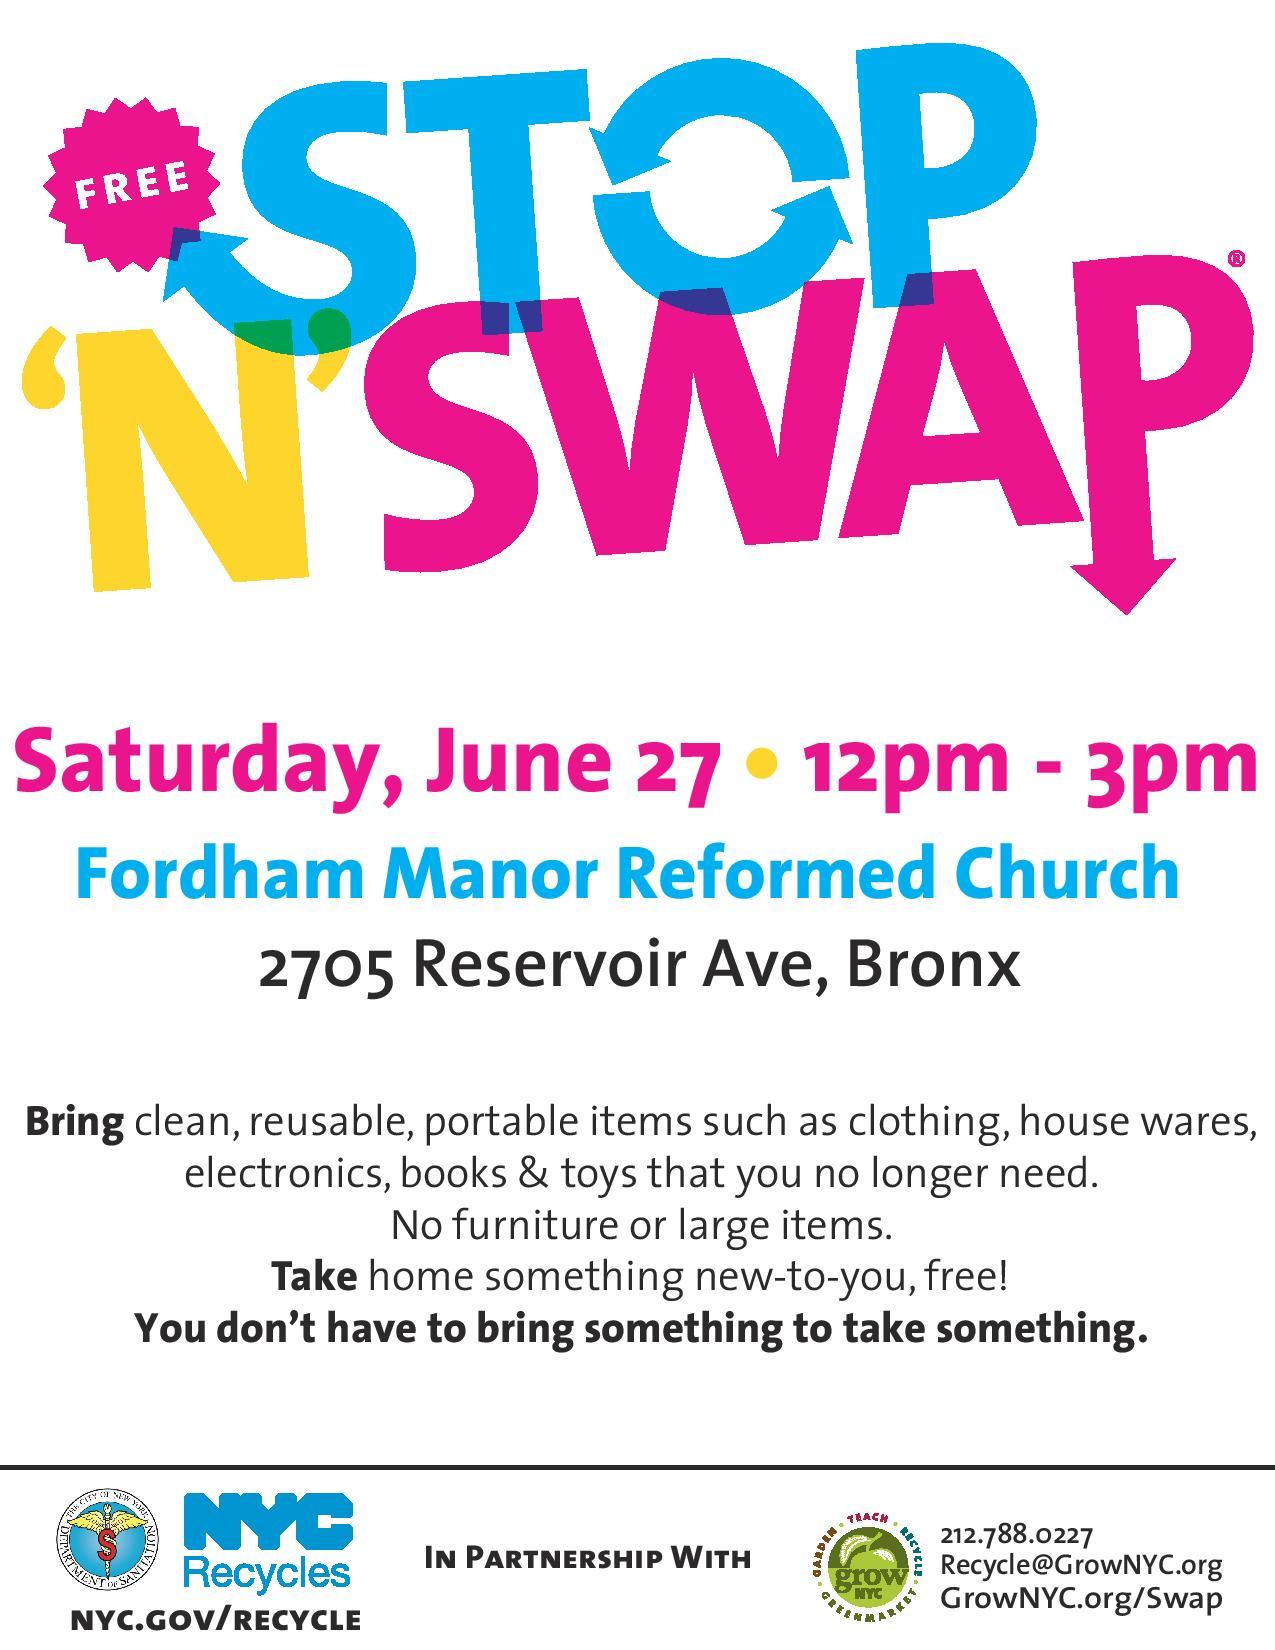 Free Stop 'N' Swap Community Reuse Event